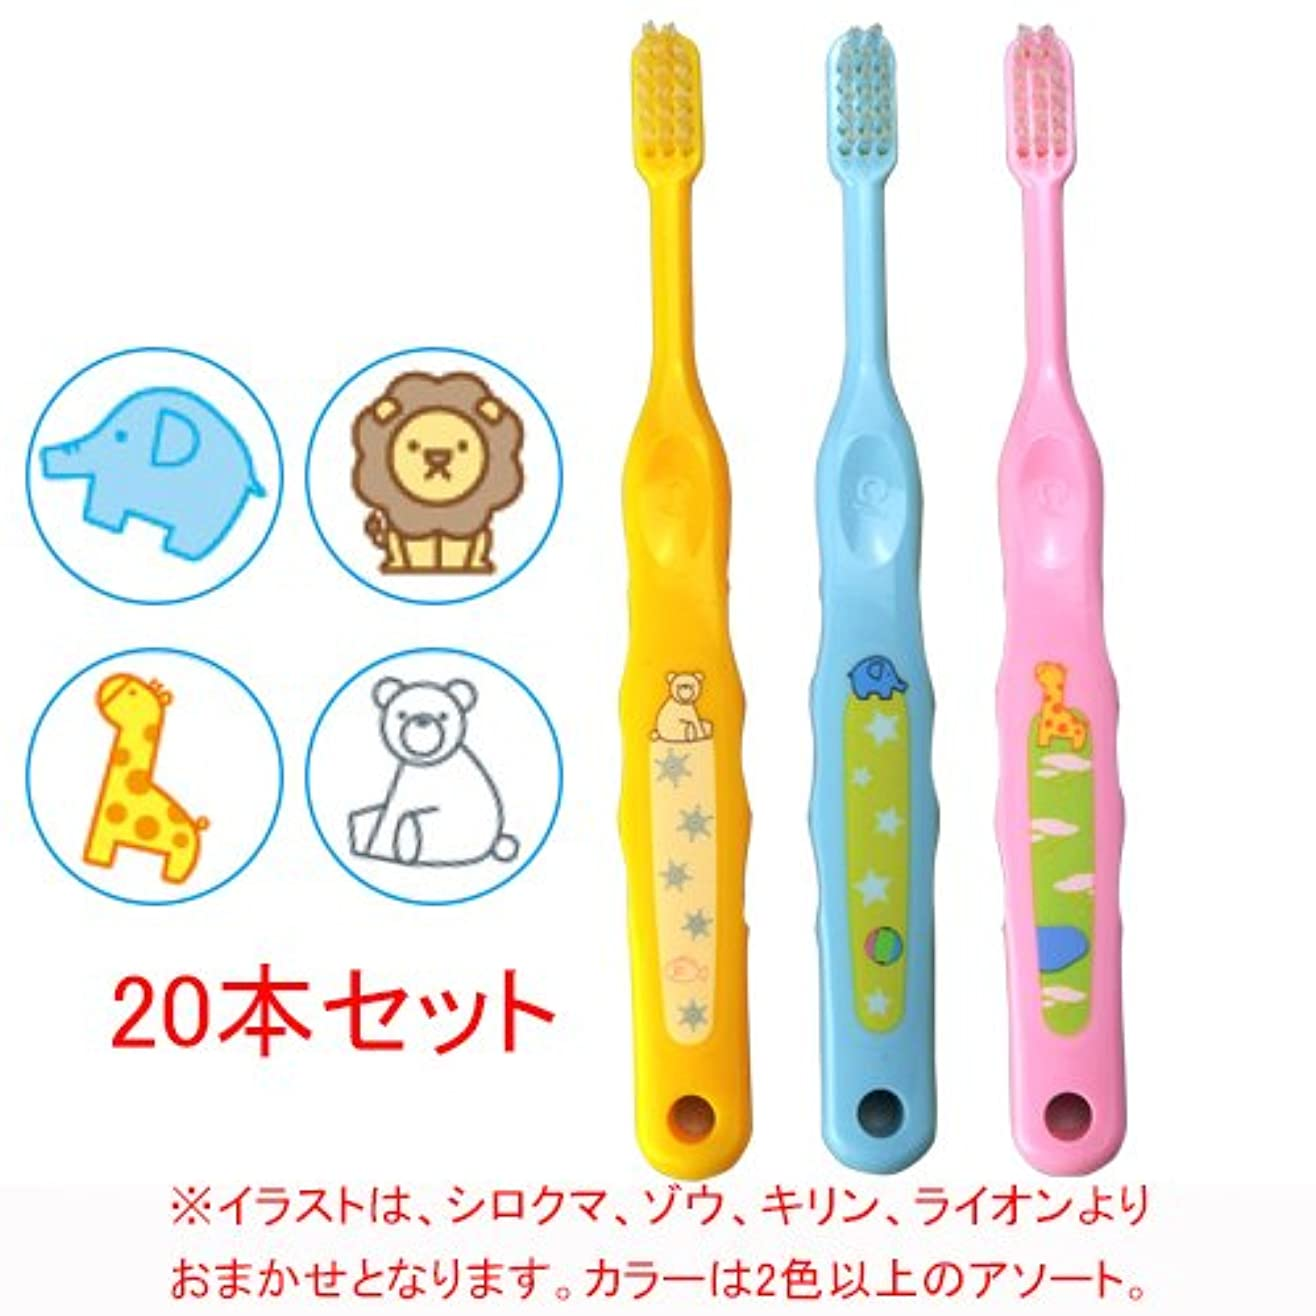 リラックスいちゃつくまあCiメディカル Ci なまえ歯ブラシ 502 (ふつう) (乳児~小学生向)×20本